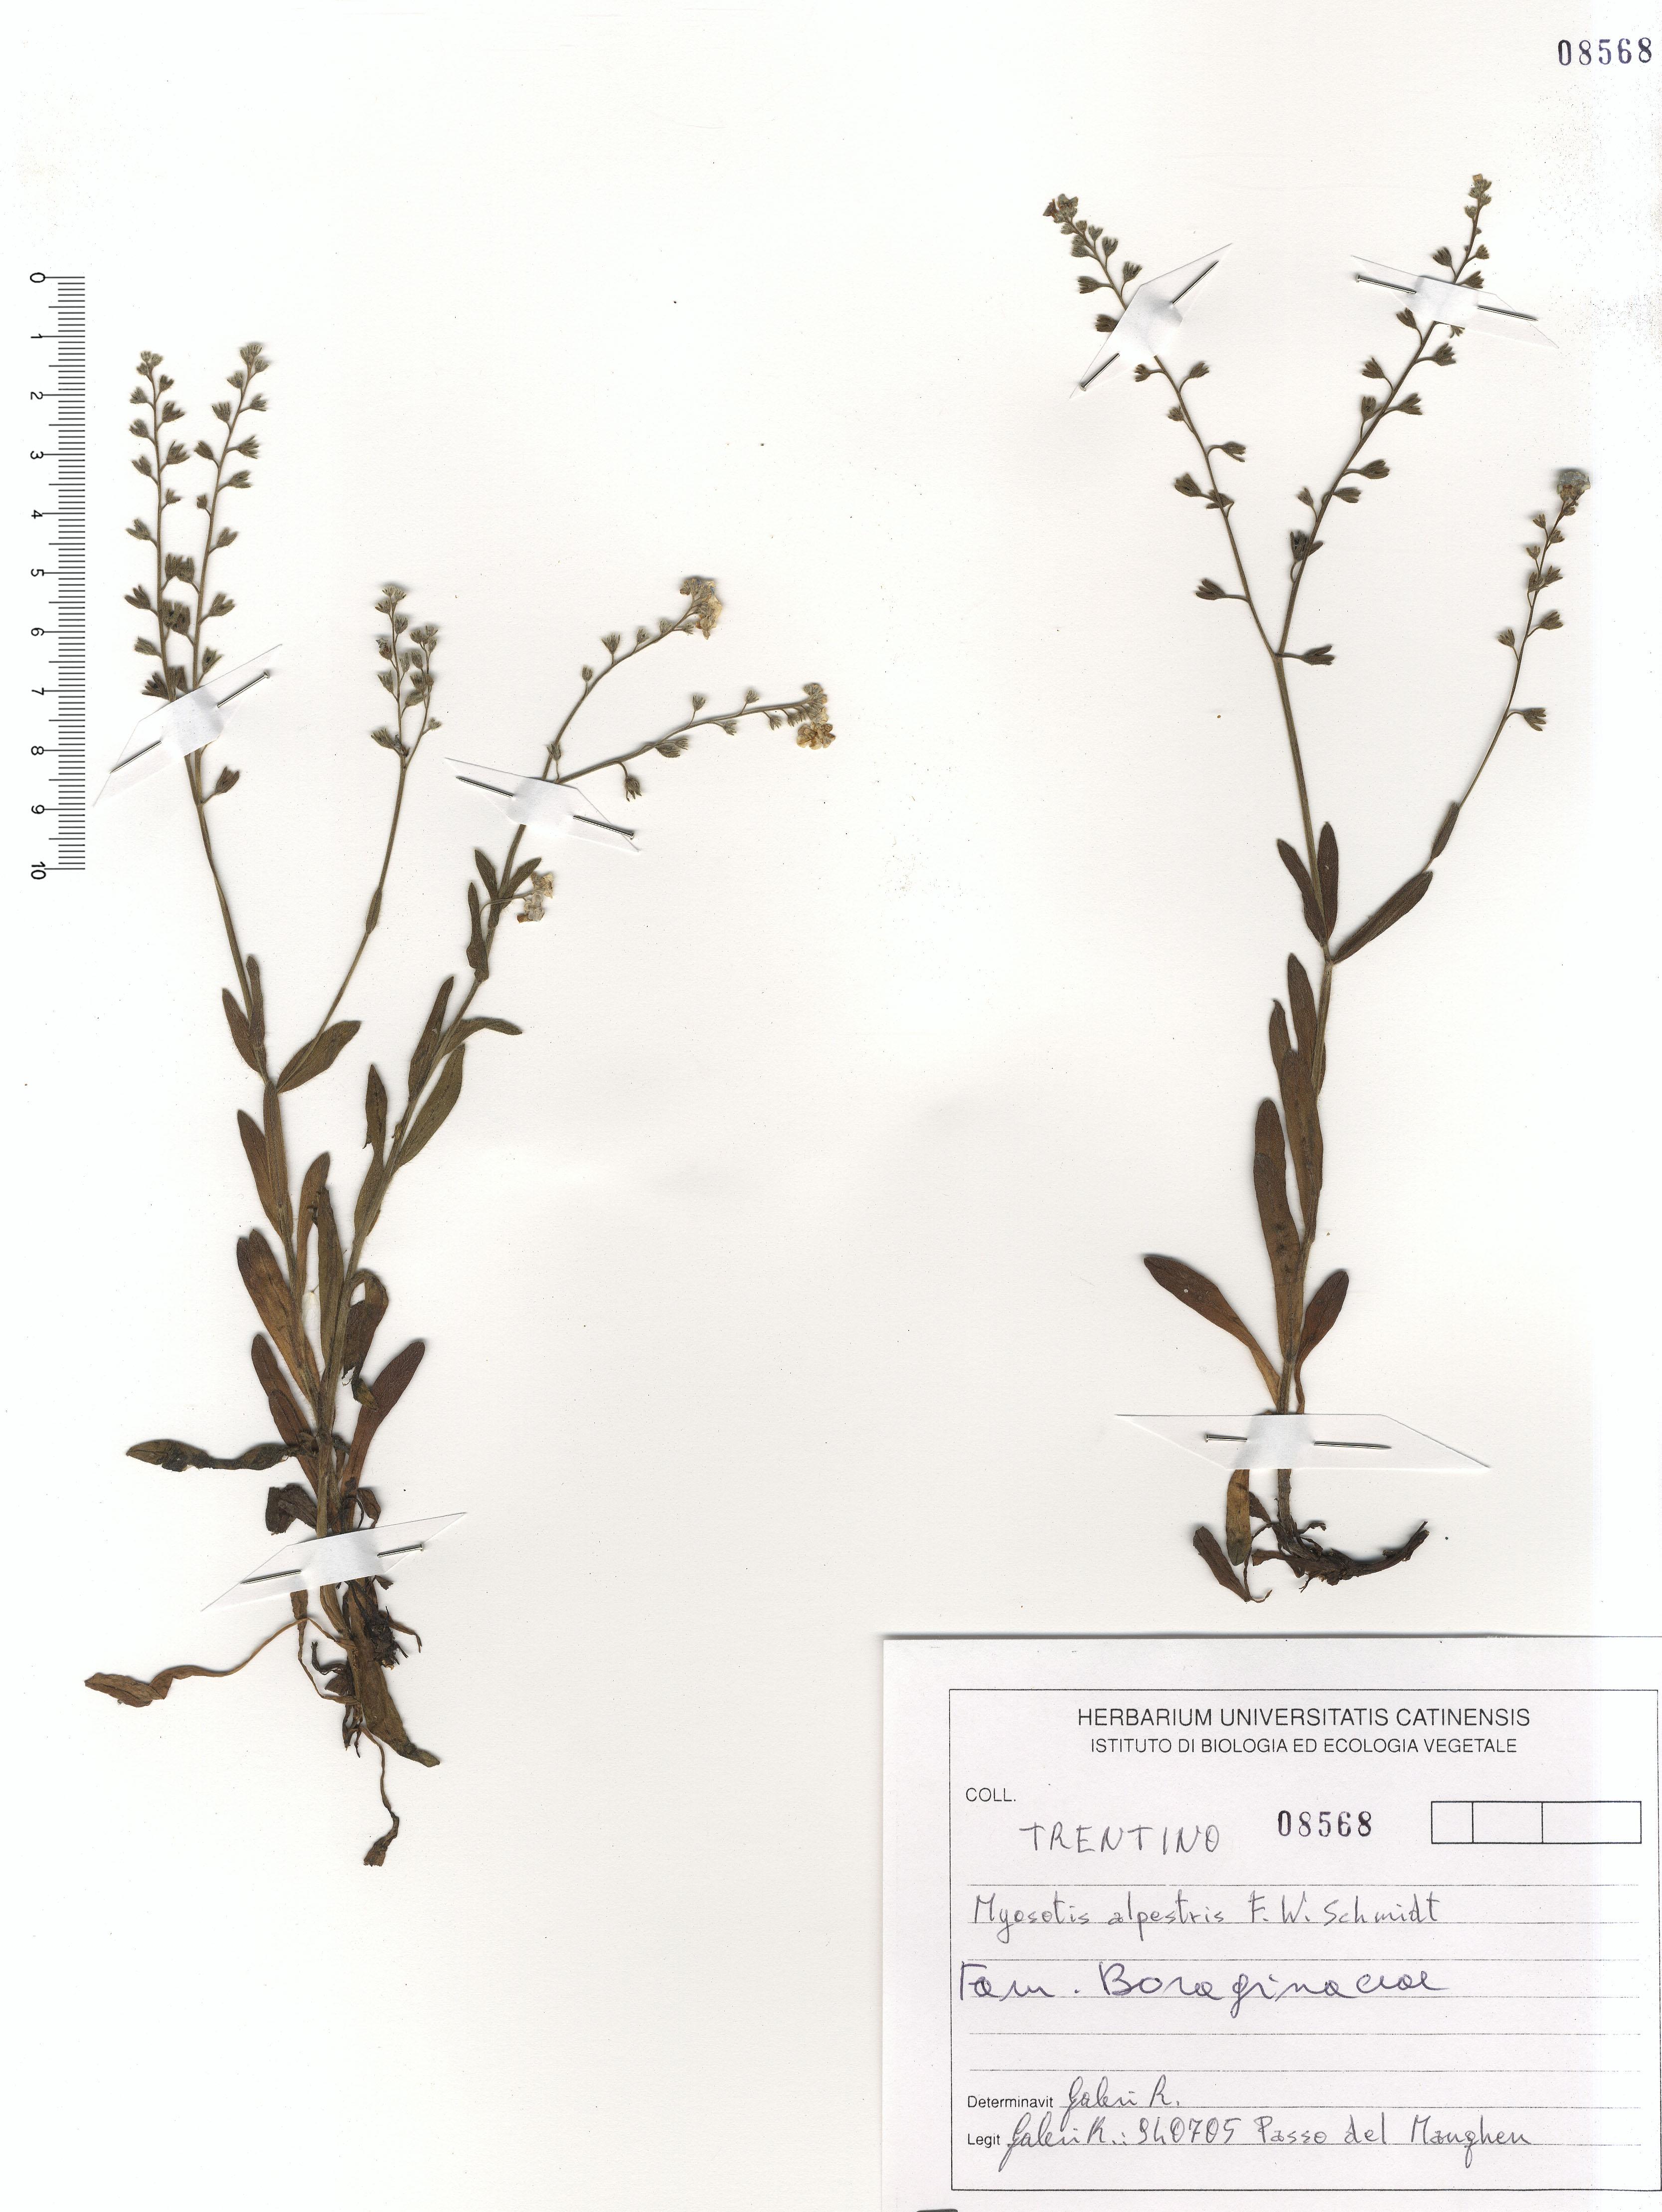 © Hortus Botanicus Catinensis - Herb. sheet 108568<br>